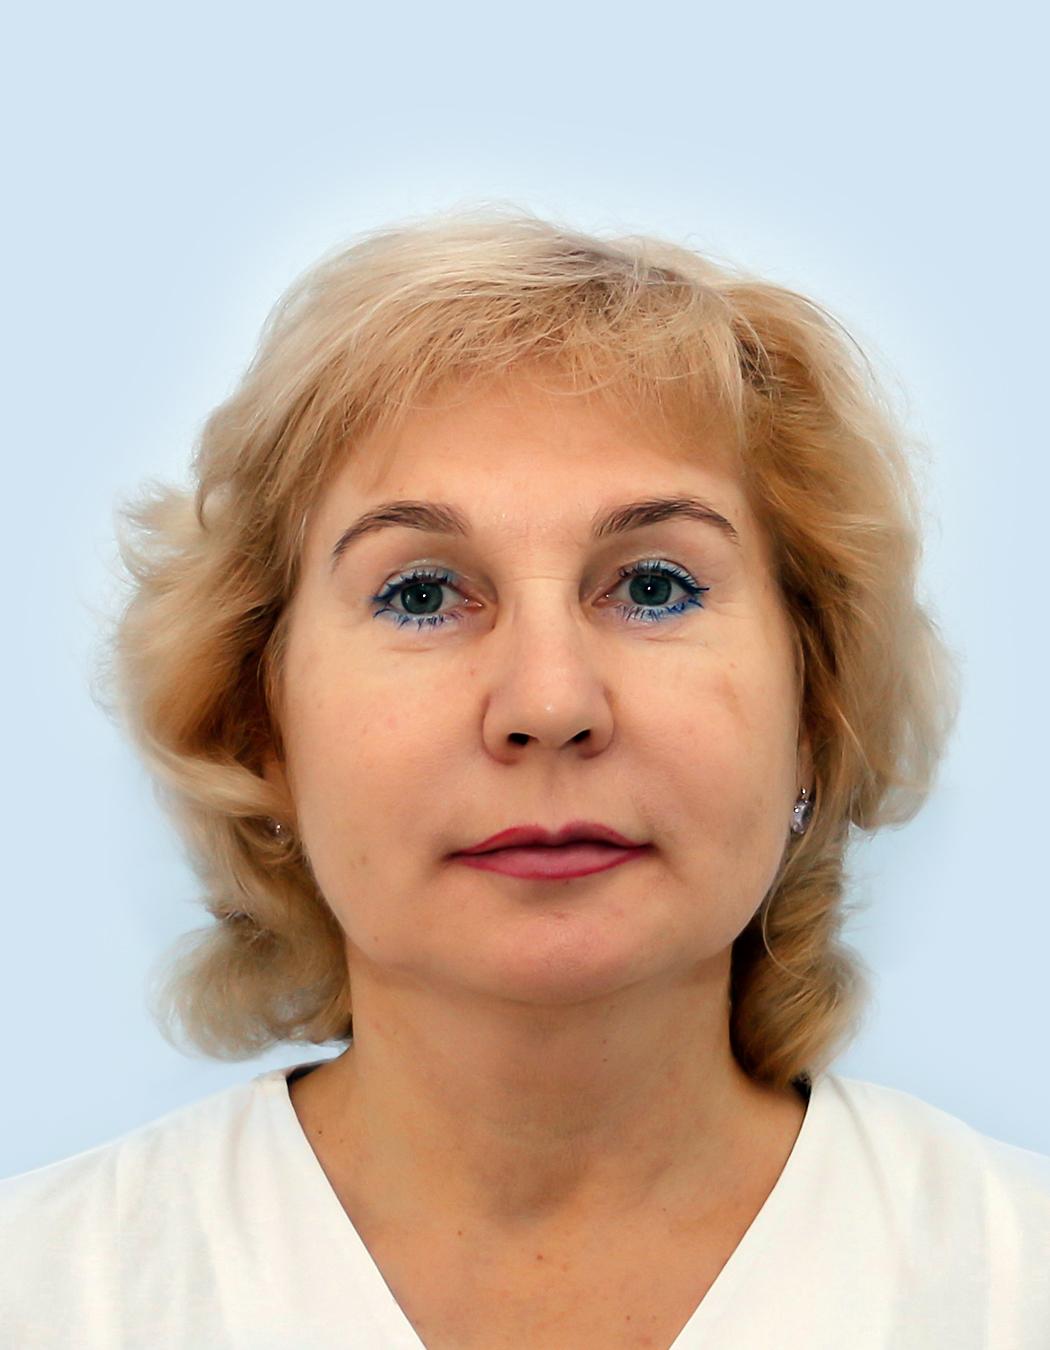 Молокова Марина Юрьевна, врач рентгенолог, высшая категория